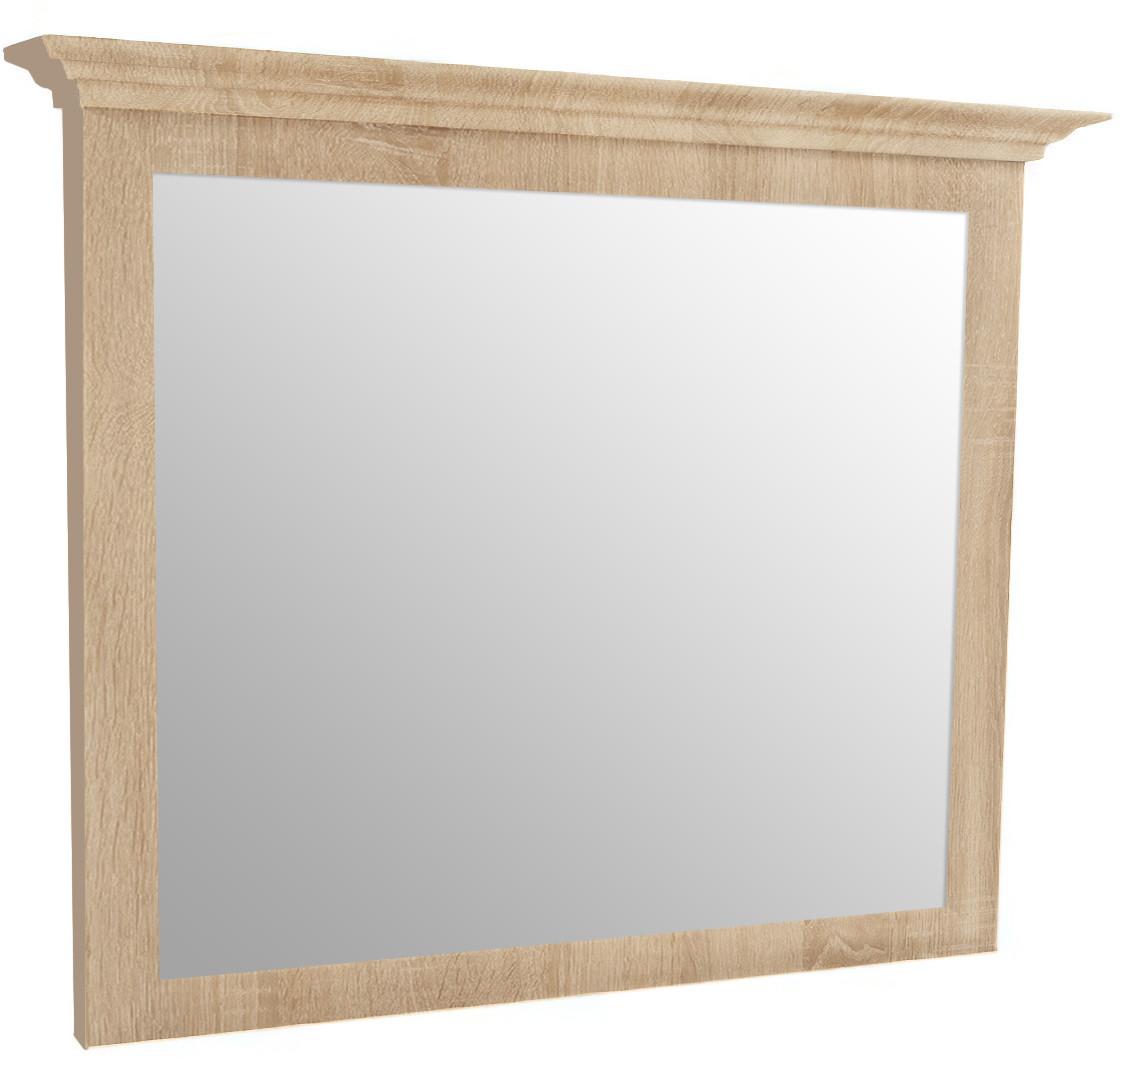 Зеркало в МДФ рамке с карнизом (профиль) (1010) МАКСИ-МЕбель Дуб сонома (9074)